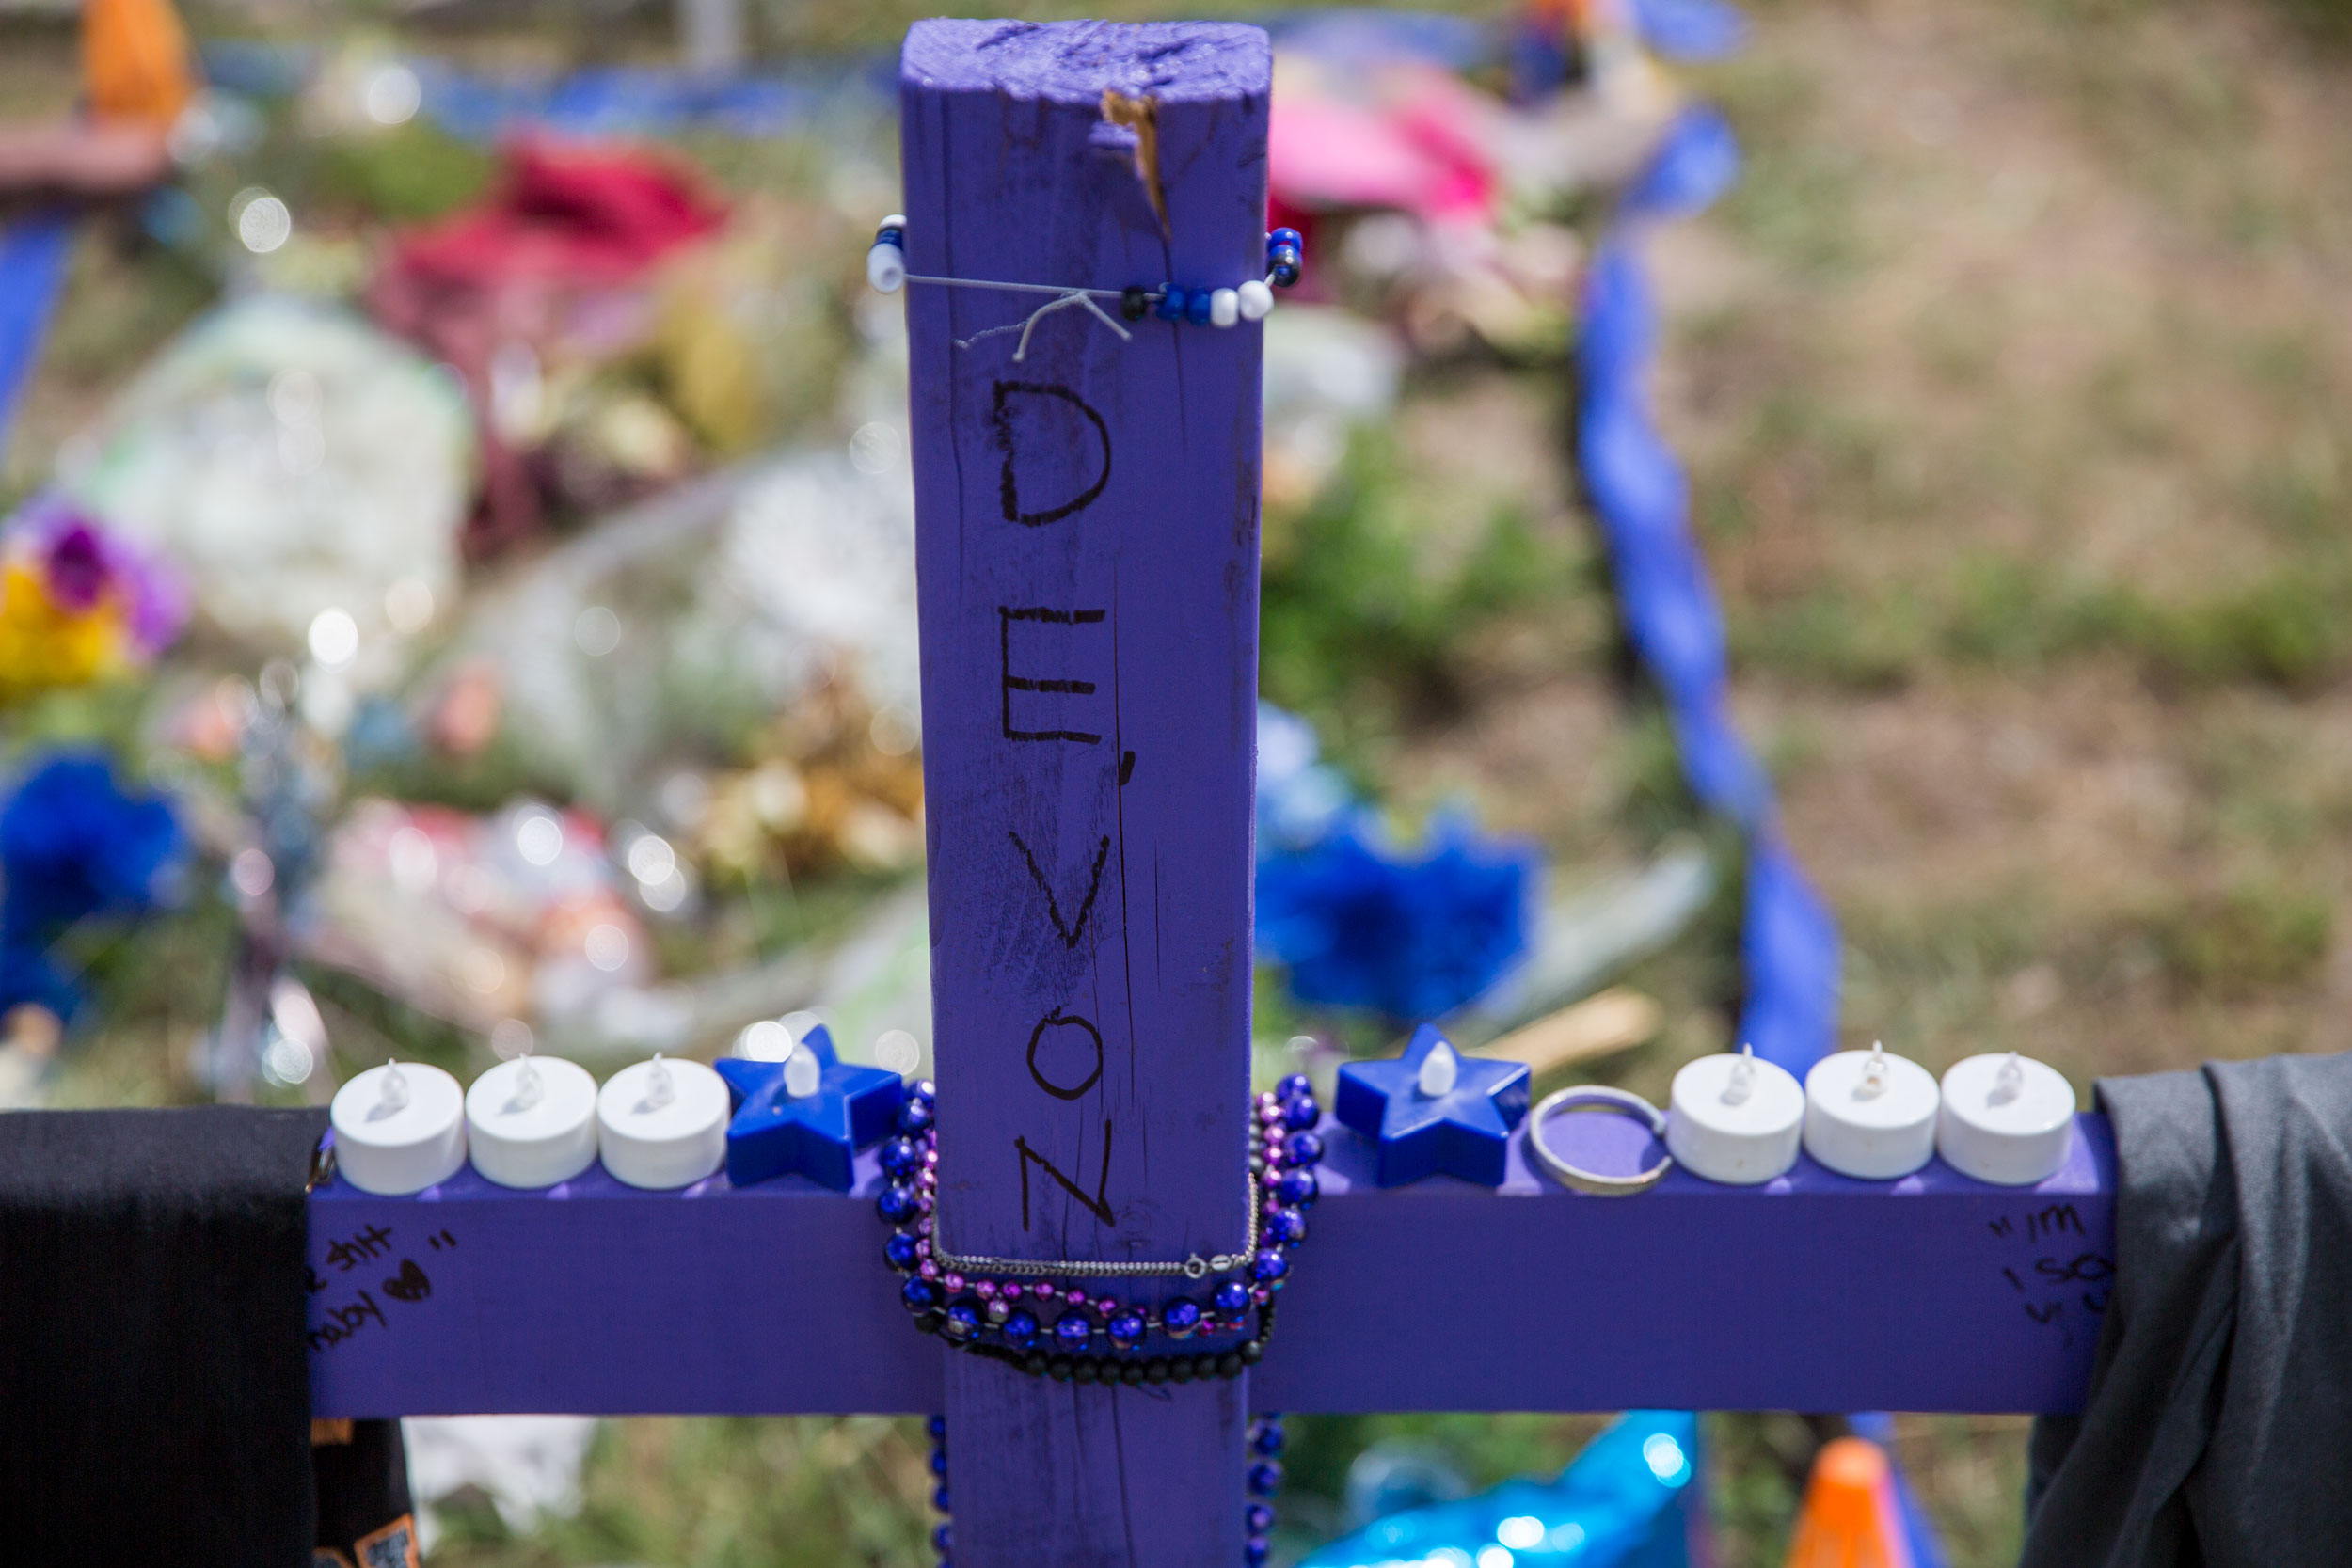 De'von Bailey Police Shooting Colorado Springs